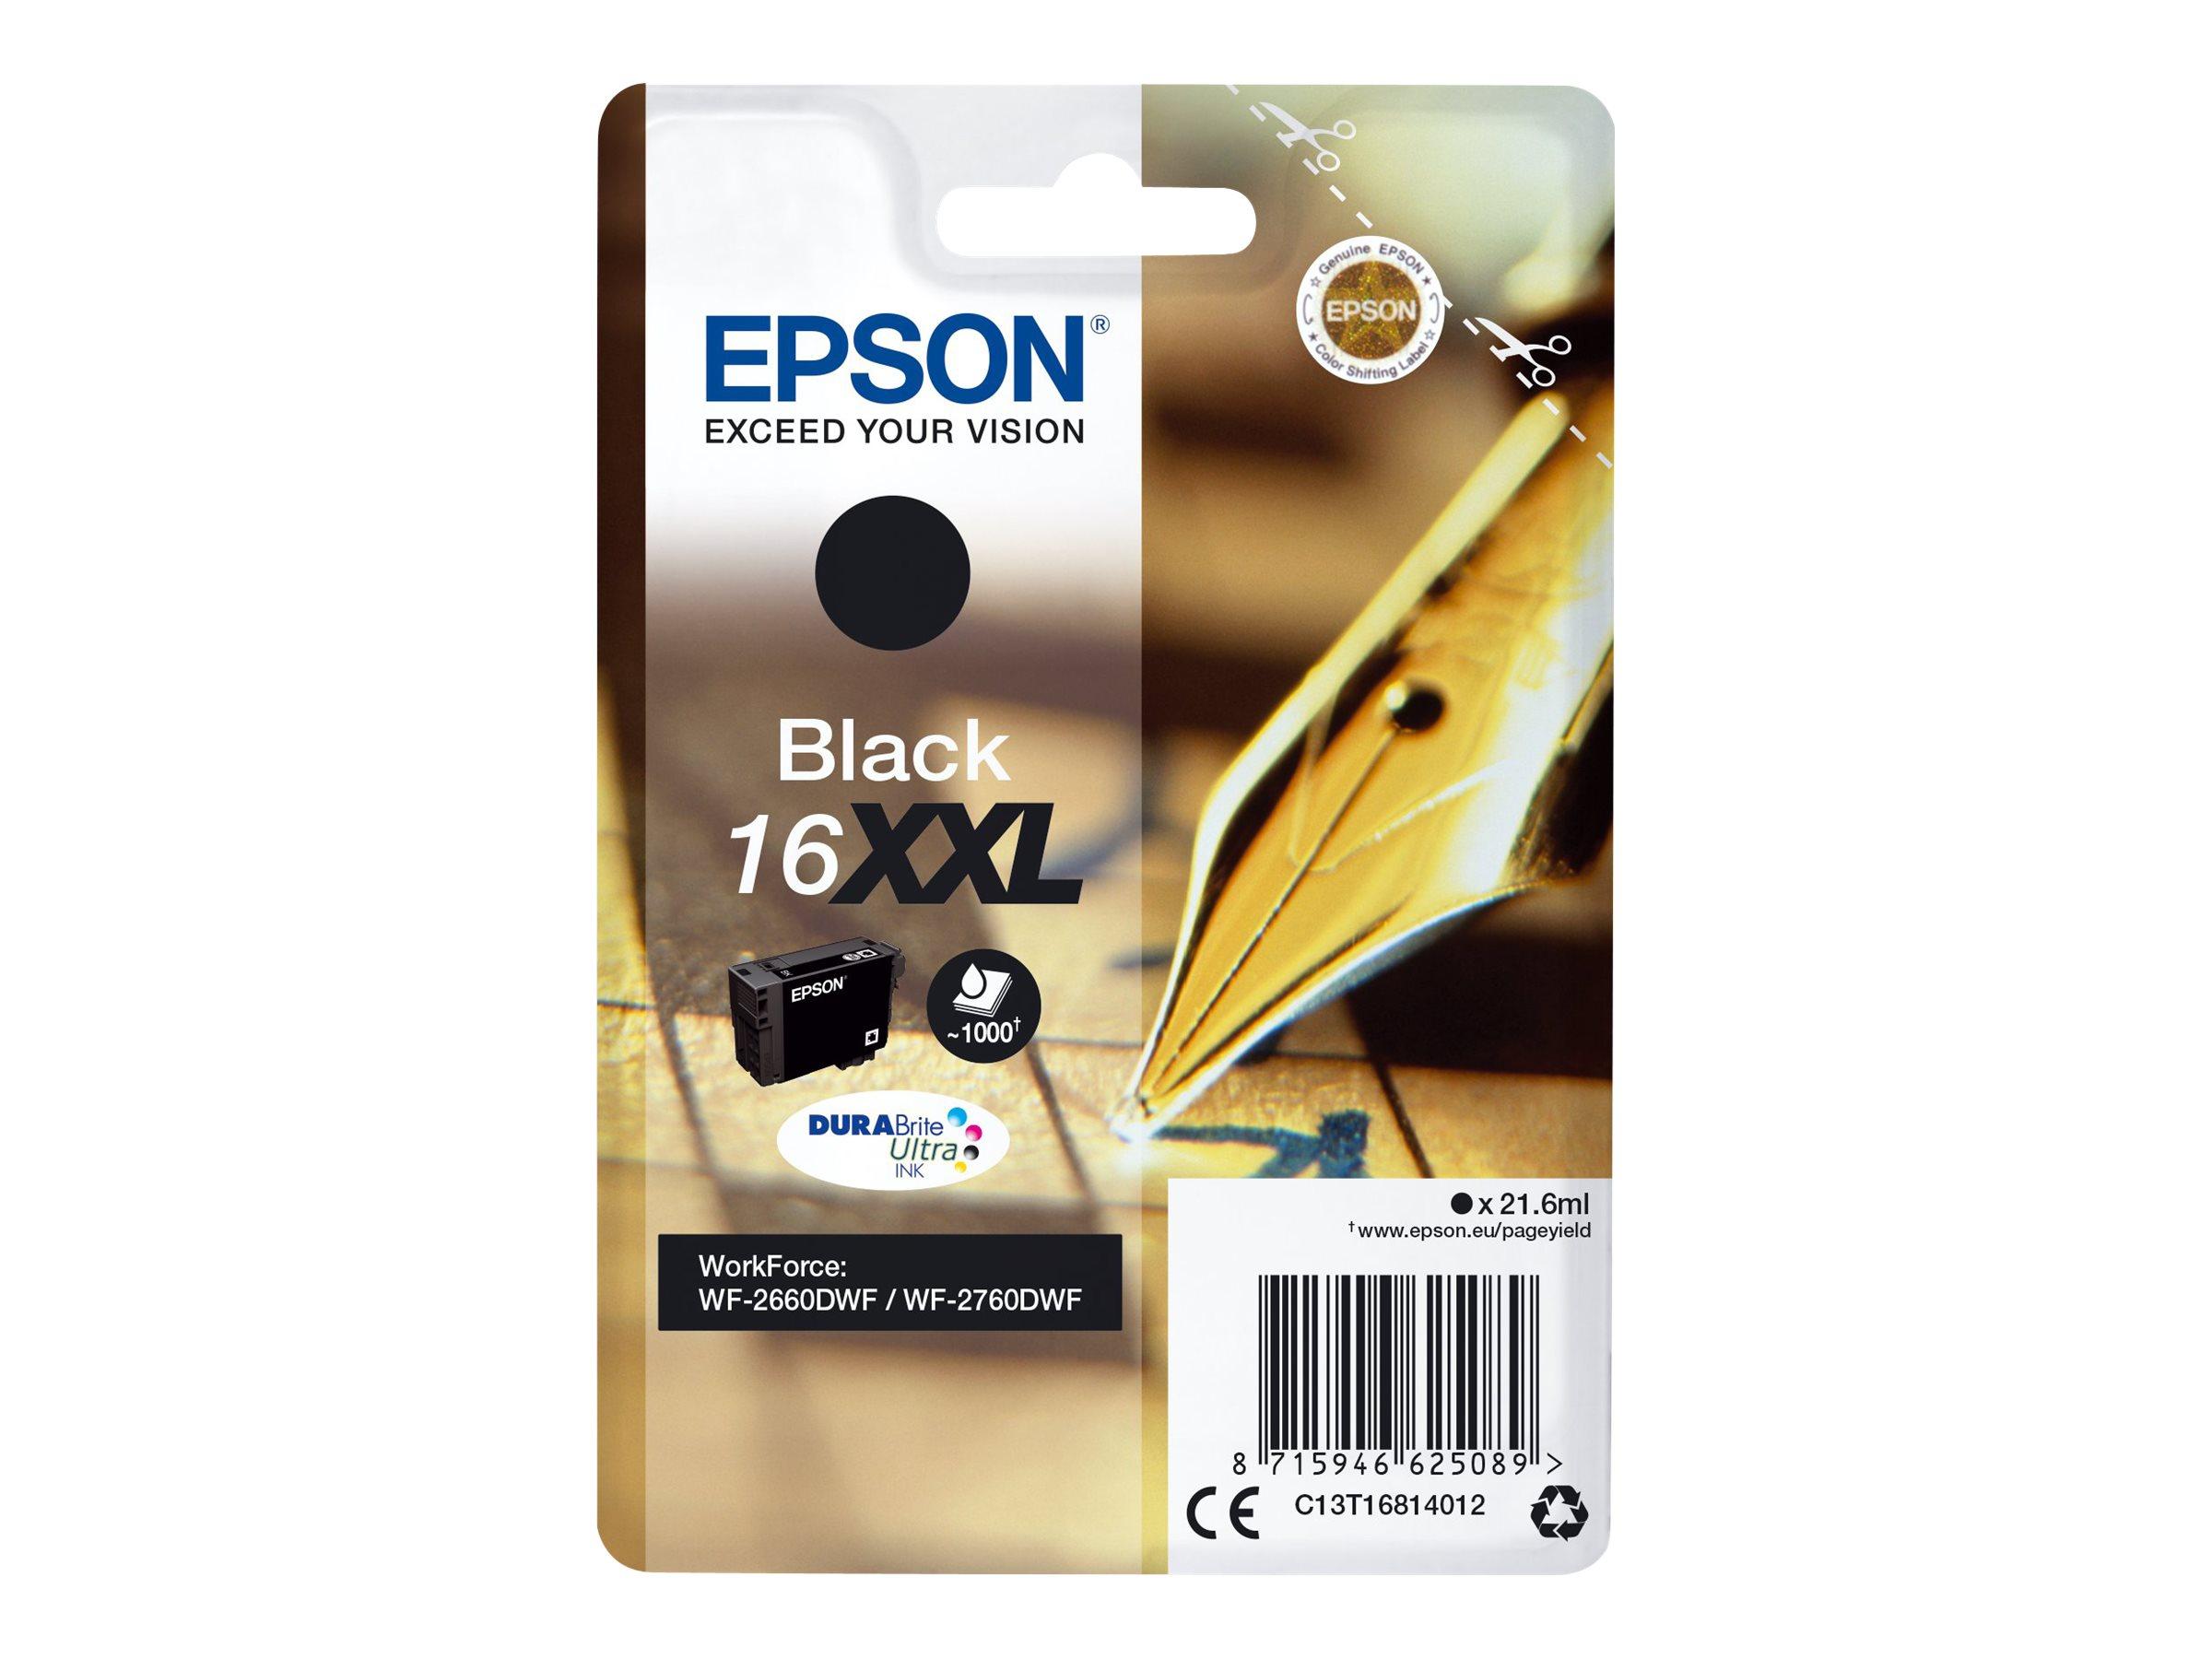 Epson T16XXL - stylo plume - taille XXL - noir - originale - cartouche d'encre